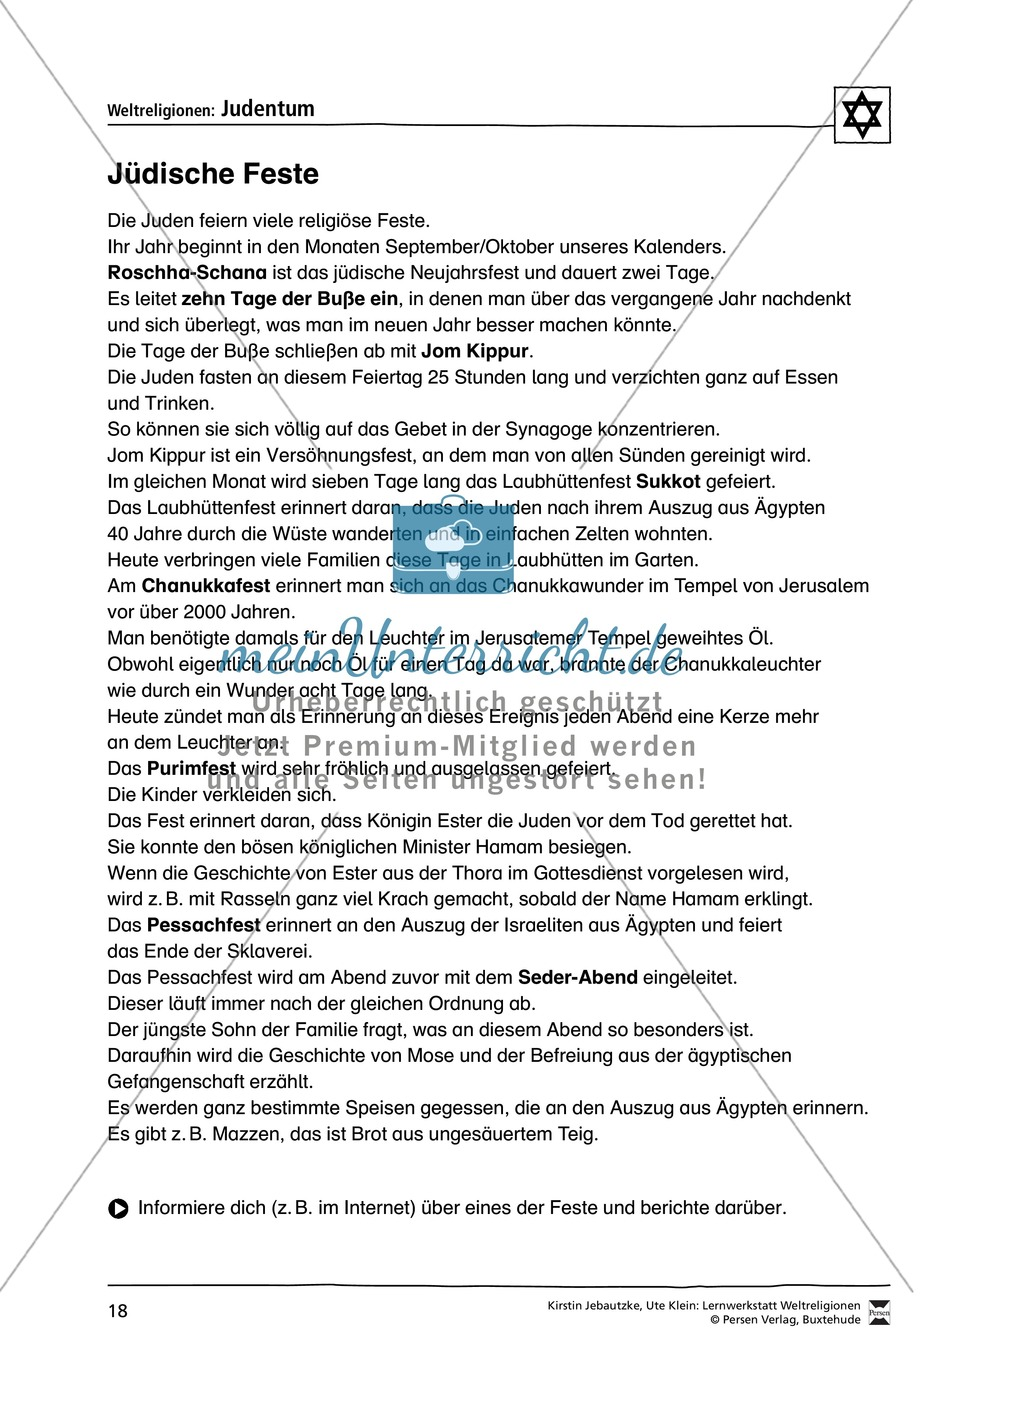 Unterrichtsmaterial zum Judentum - mit Infomaterial zu Gottheit, Schrift, Synagogen, Feiertagen uvm. Preview 10